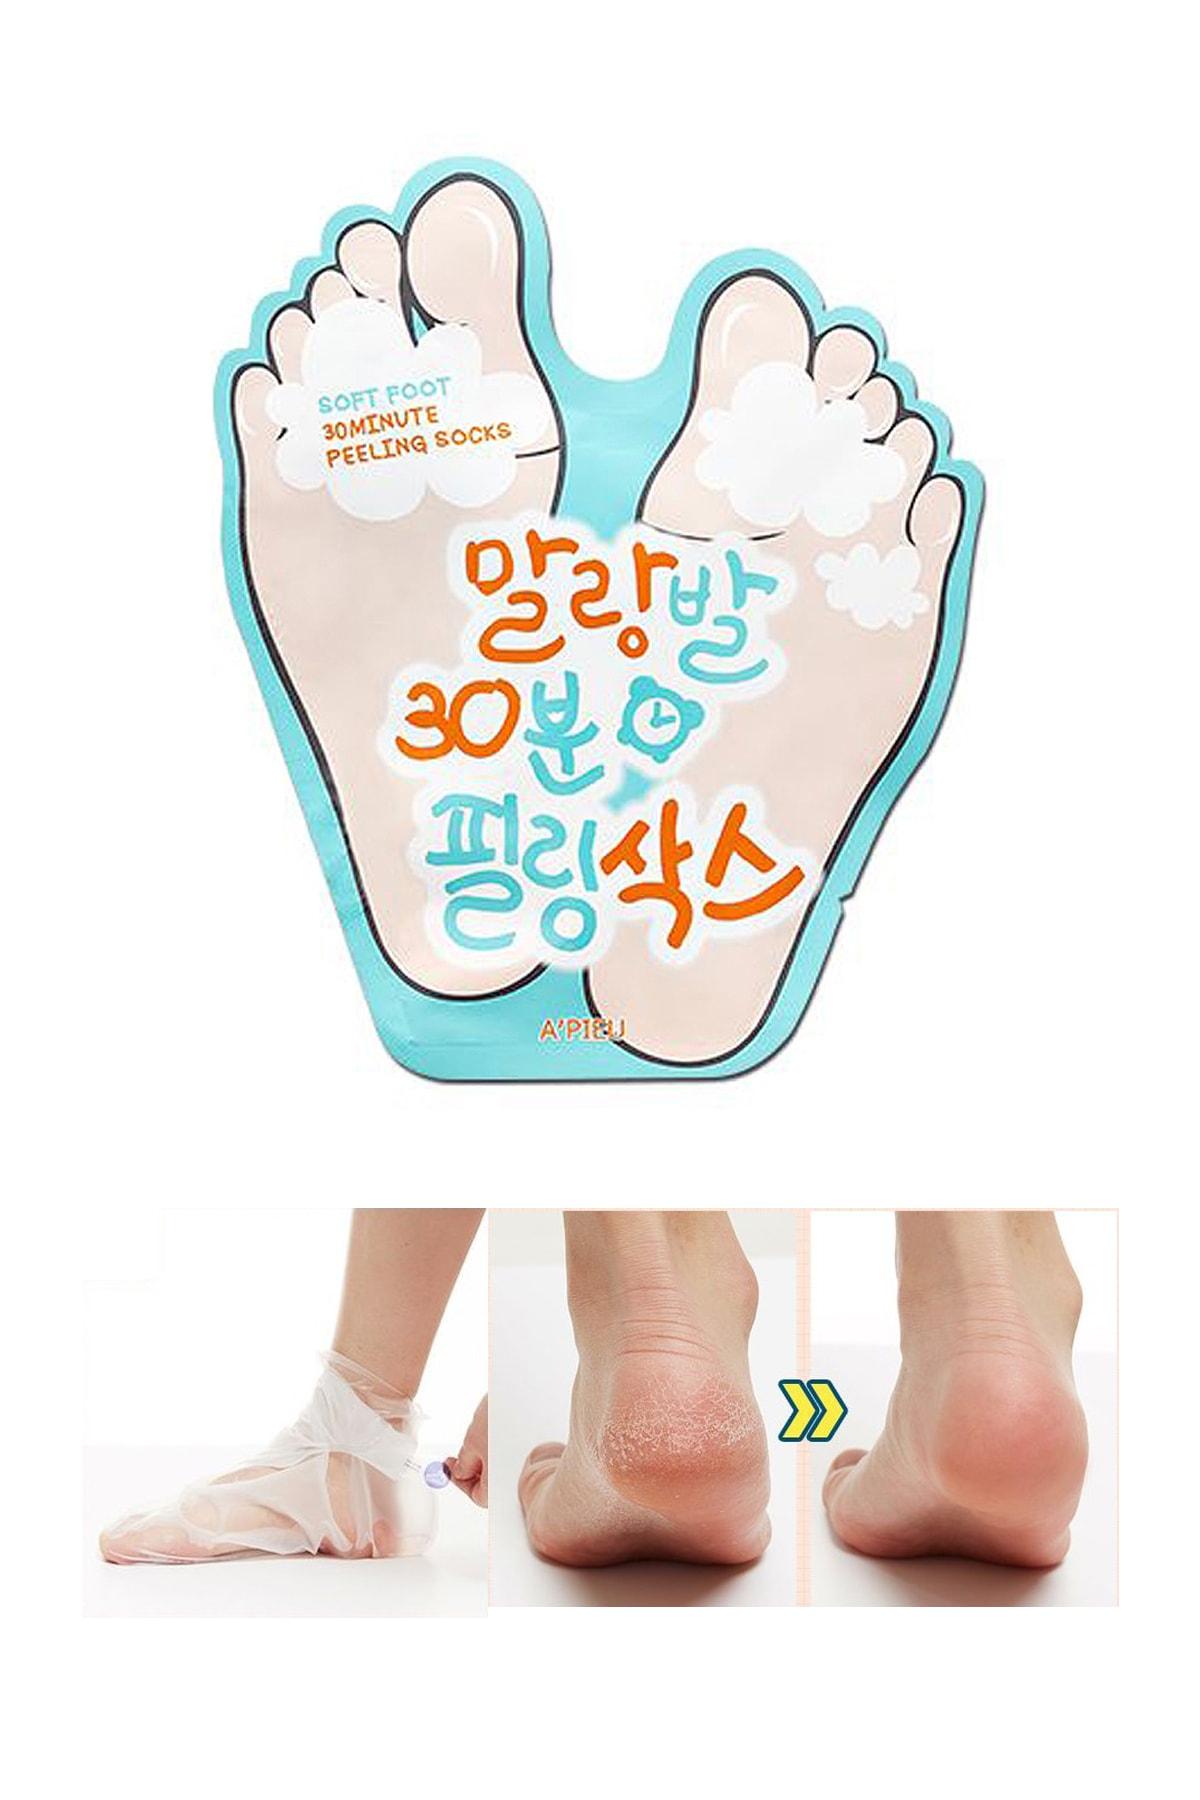 Missha Ölü Derilerden Arındıran Ayak Maskesi 40ml APIEU Soft Foot Peeling Socks 0